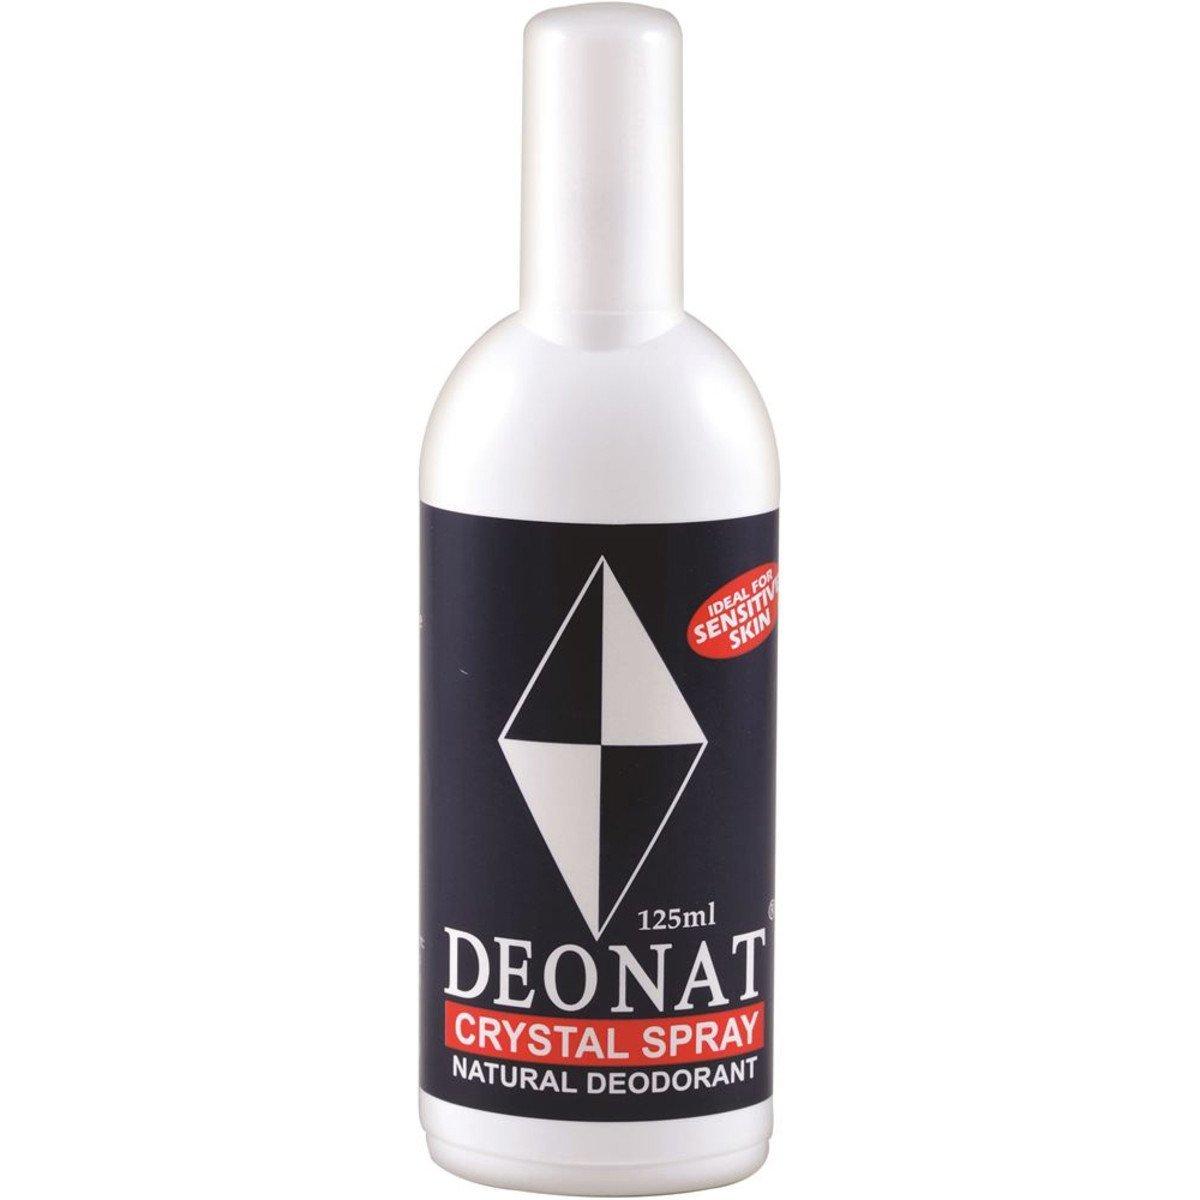 Deonat Crystal Deodorant Sports Stick 50g Purewellness